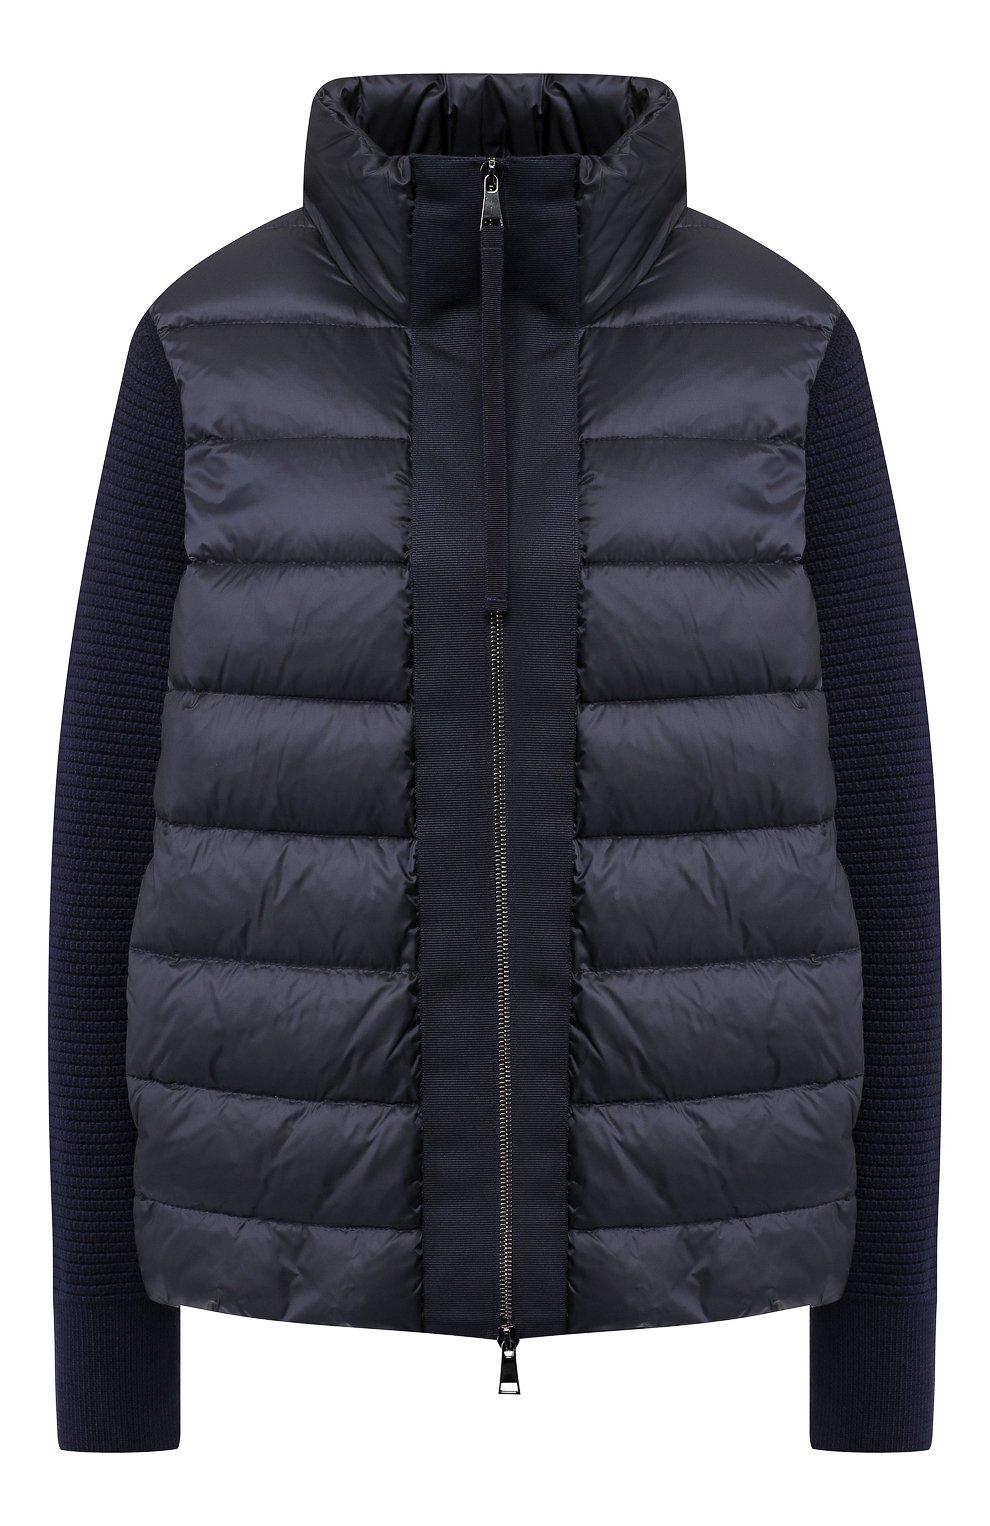 72dbecee2f4 Женские куртки по цене от 23 100 руб. купить в интернет-магазине ЦУМ